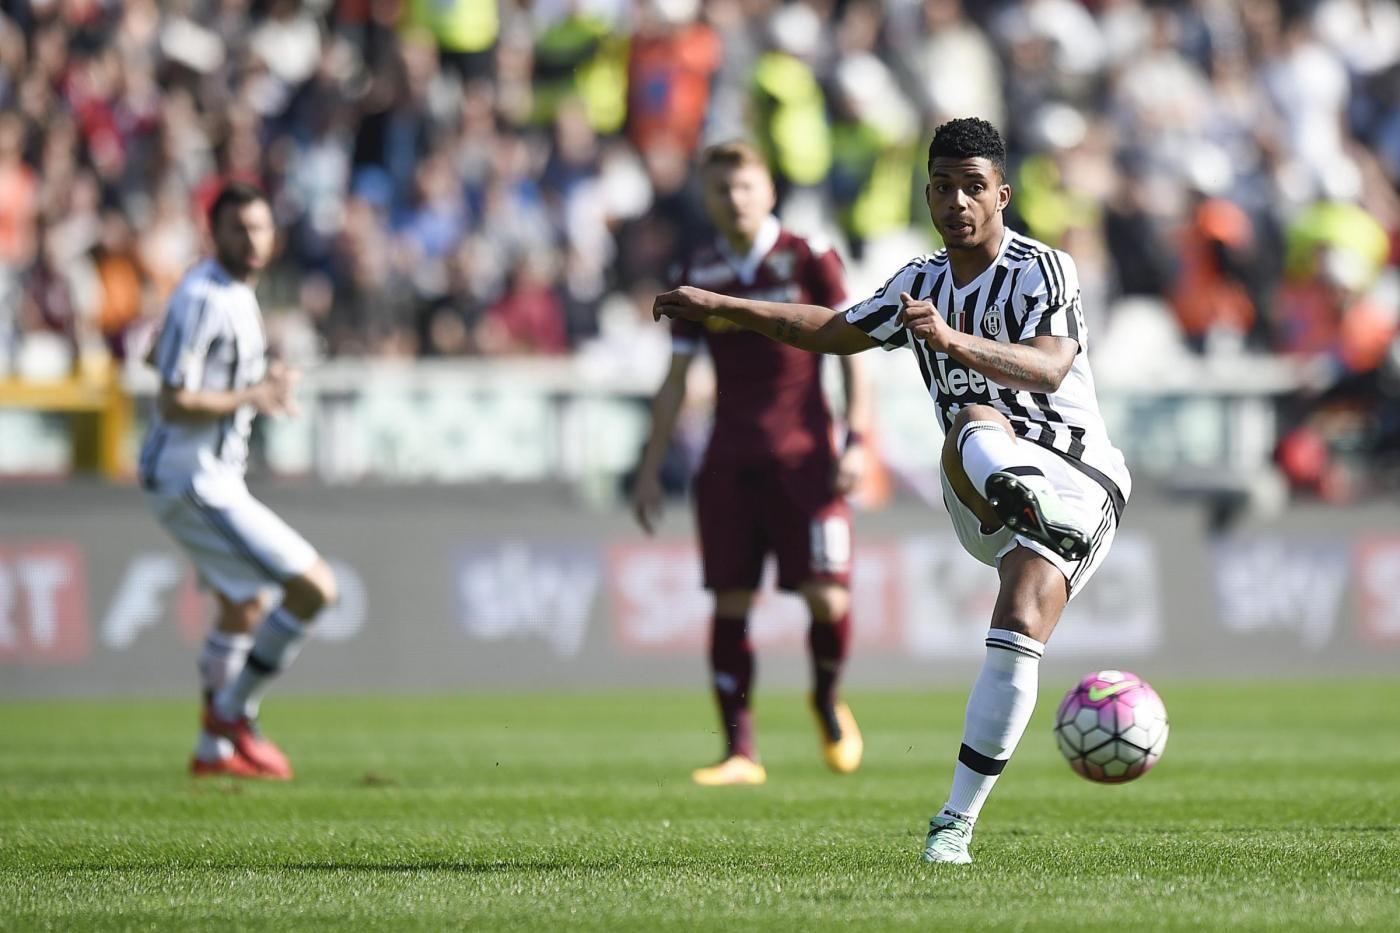 Juve, tre punti e polemiche - Sportmediaset - Sportmediaset - Foto 16